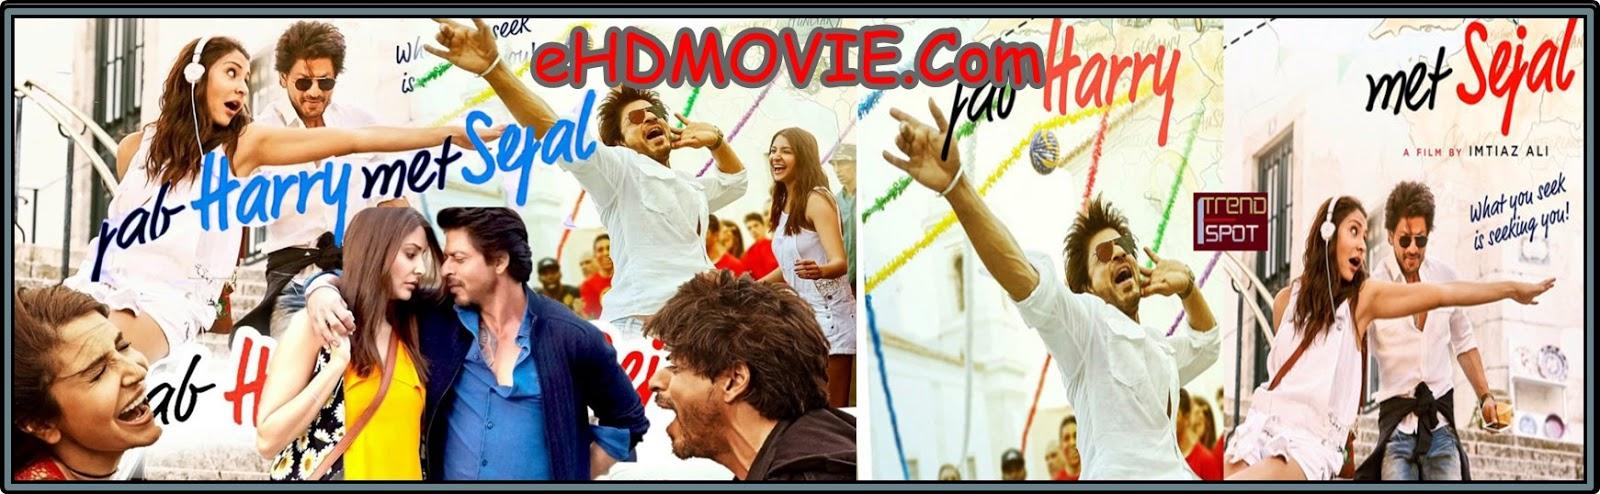 Jab Harry met Sejal 2017 Full Movie Hindi 720p - 480p ORG BRRip 550MB - 1.2GB ESubs Free Download